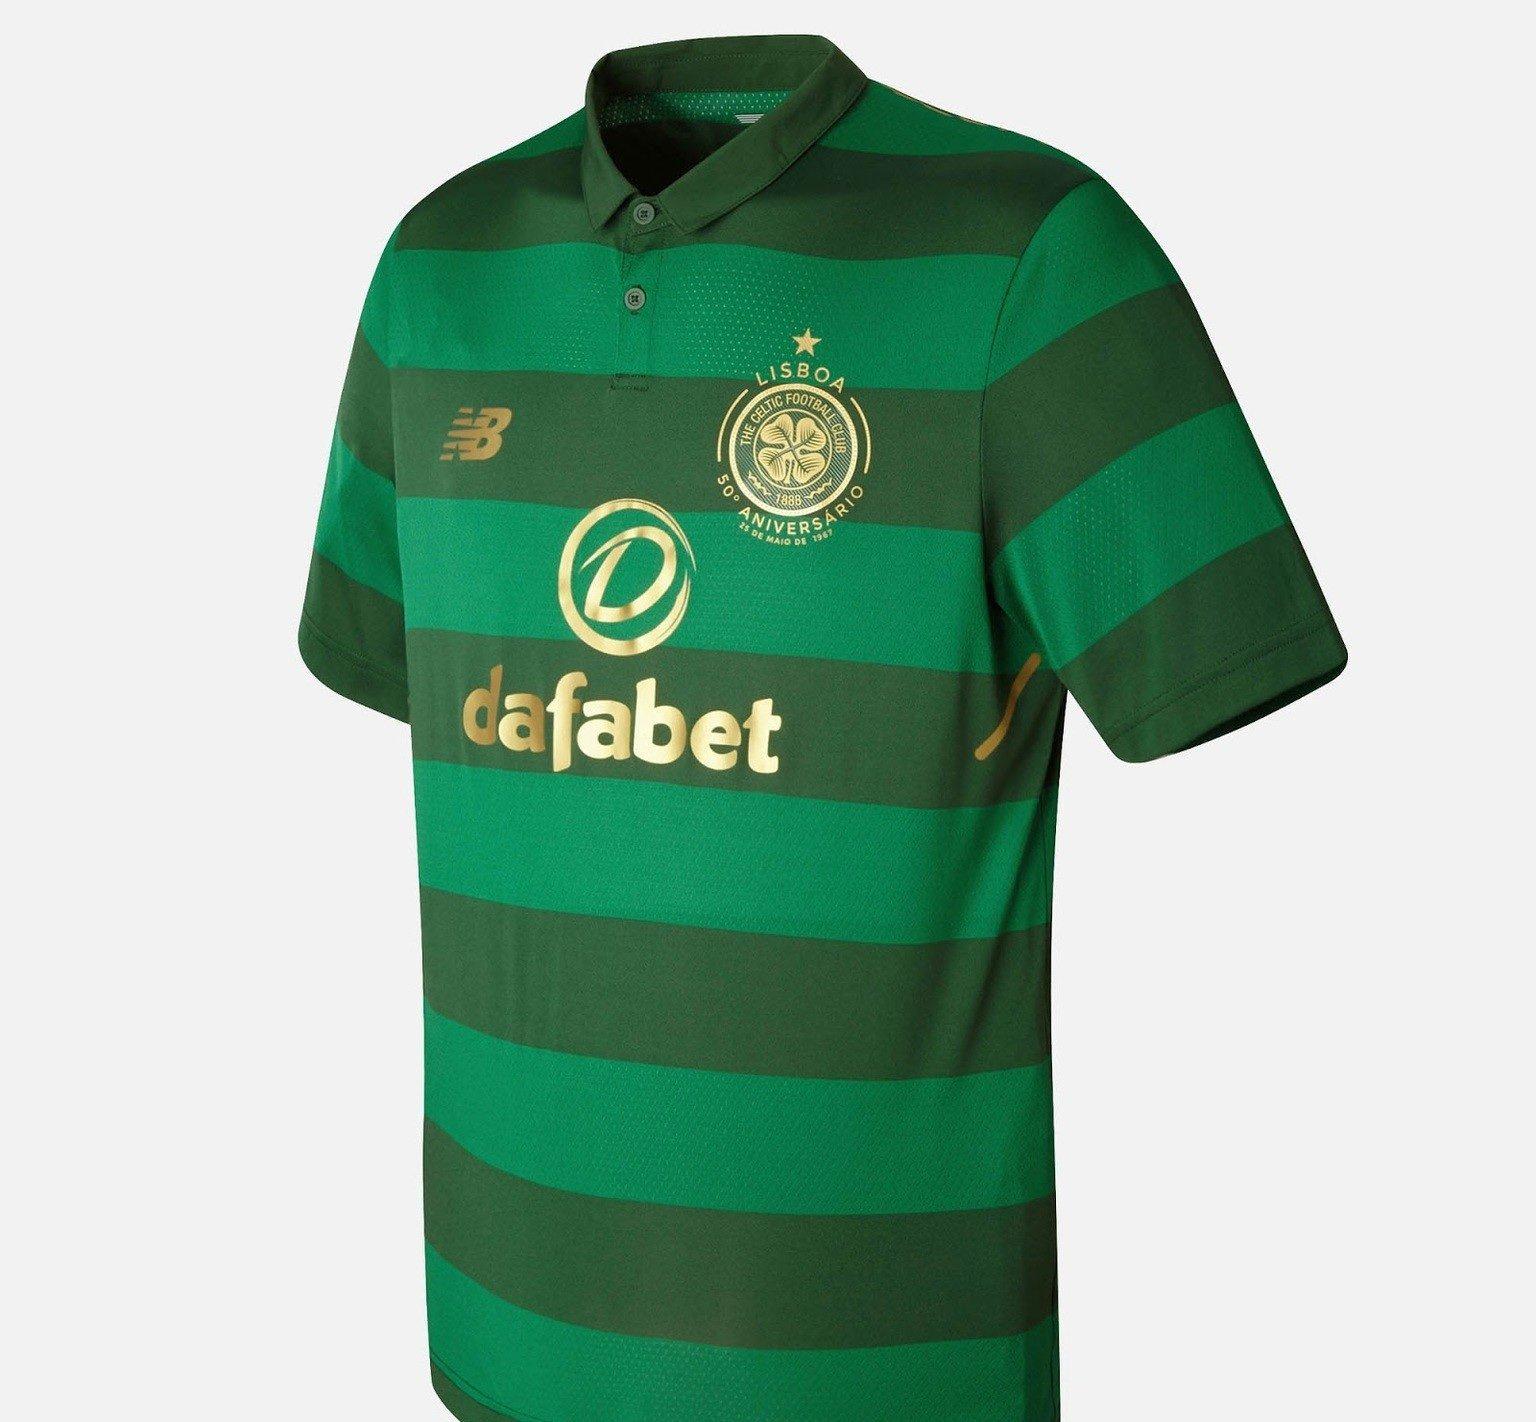 ... Celtic FC presenta nuevo uniforme de futbol de visita. La camiseta de  soccer presenta franjas horizontales en dos tonalidades de verde así como  todos ... 5b23da90dffaa